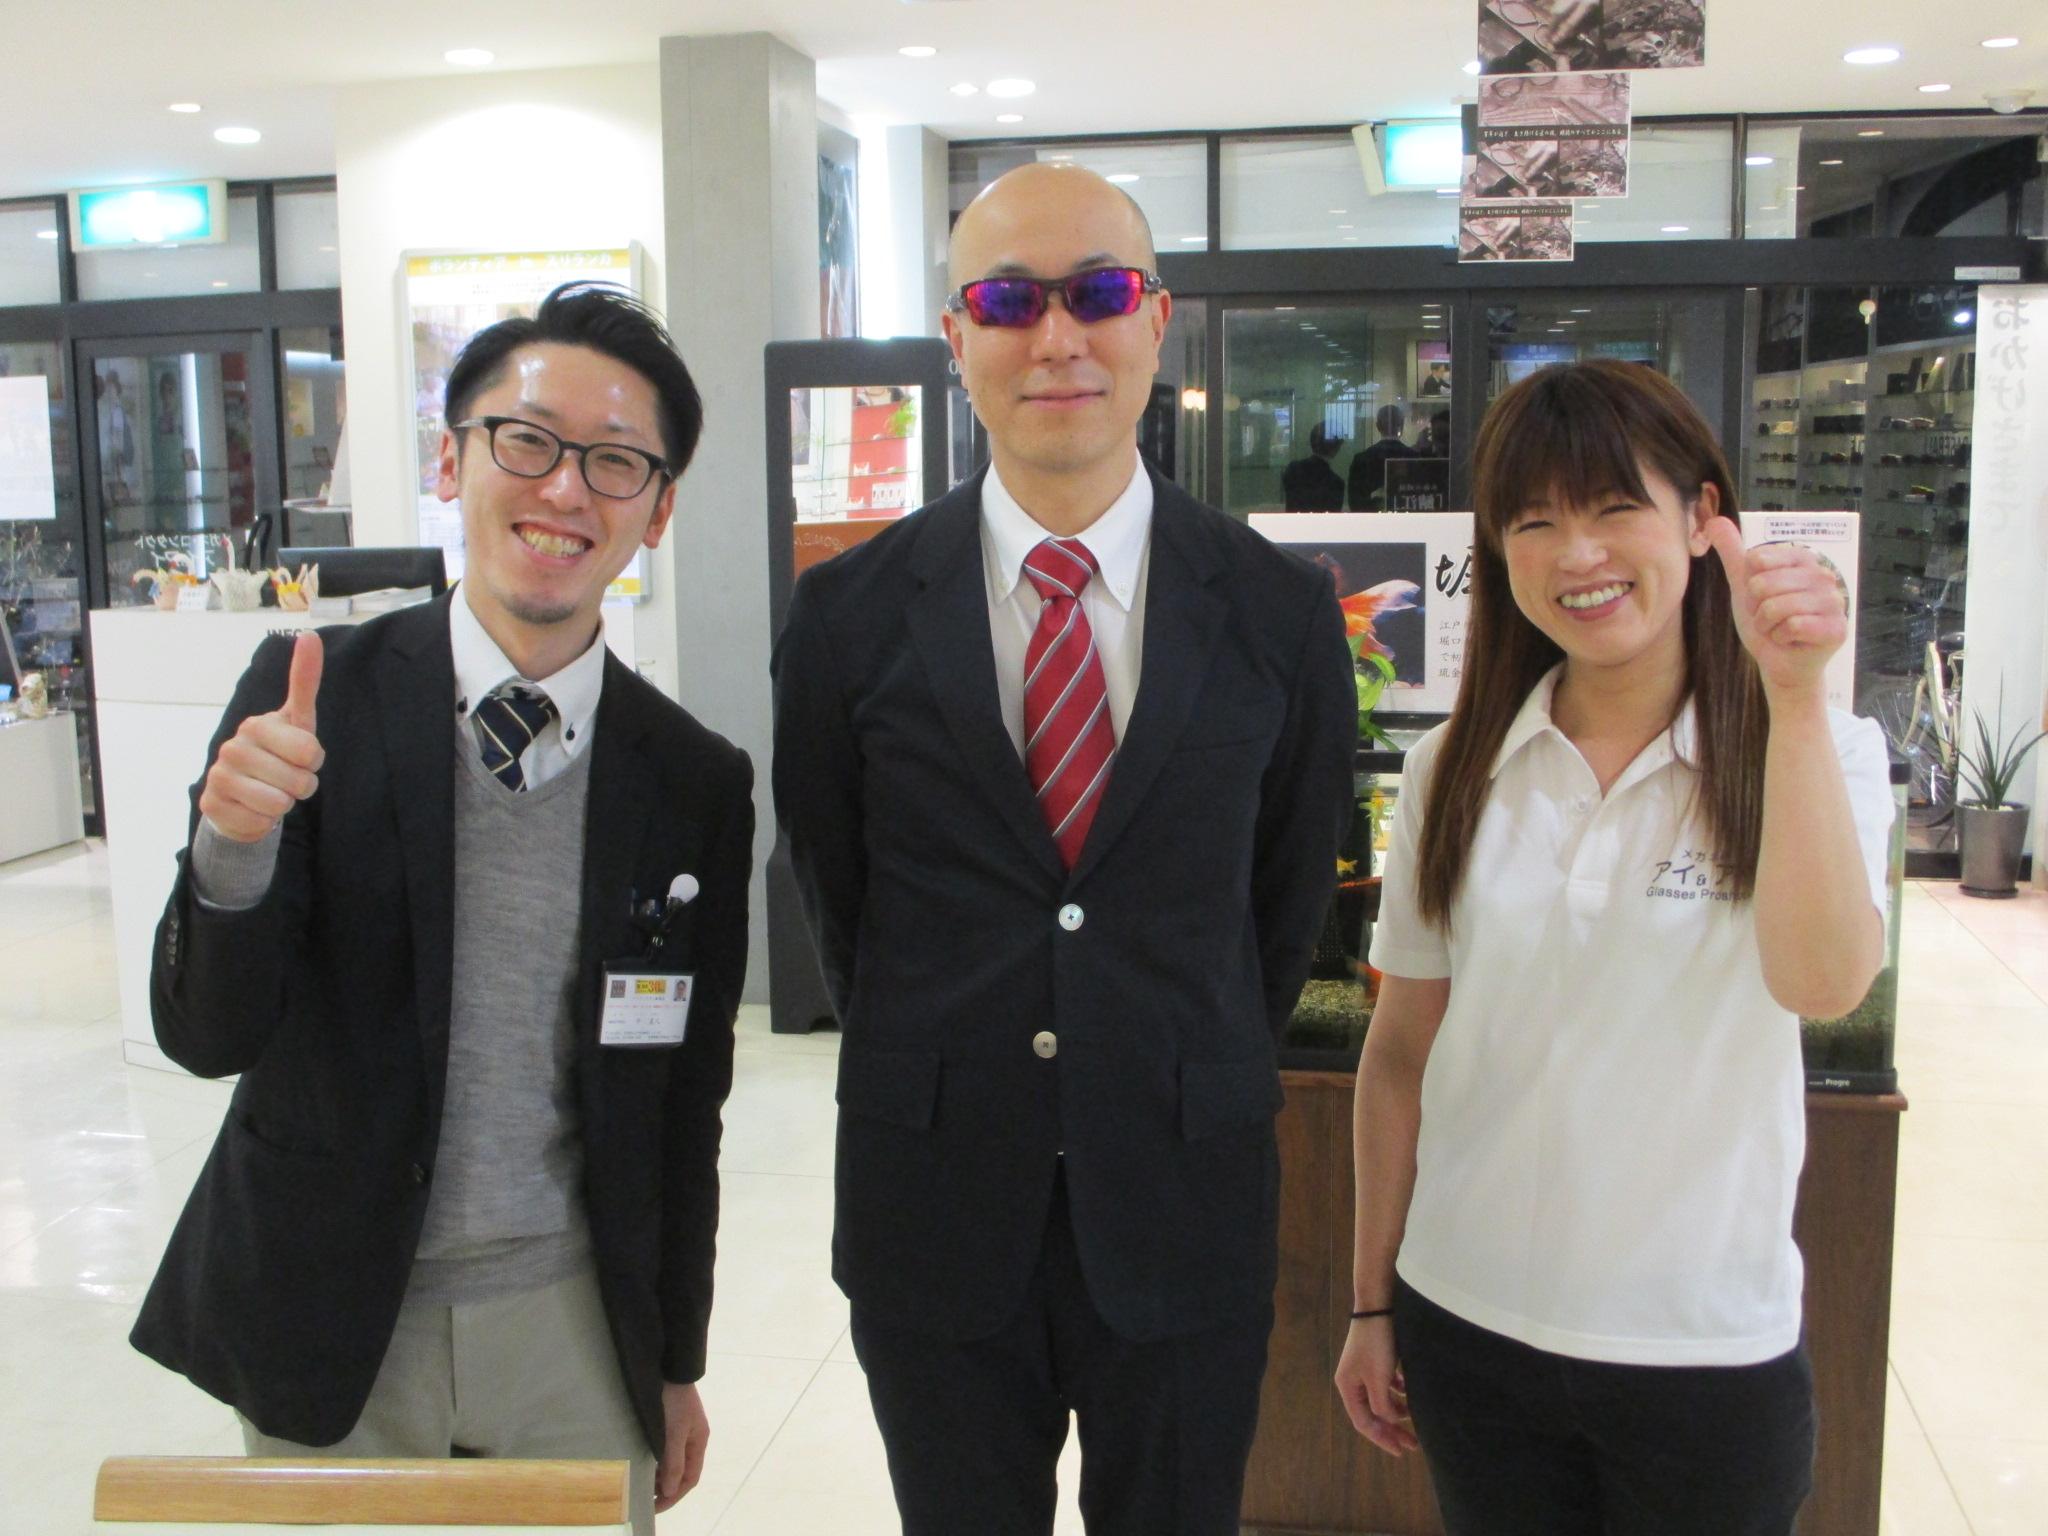 東京 江戸川区 都内 メガネ ジャポニスム オークリー スポーツサングラス 両眼視 プリズム